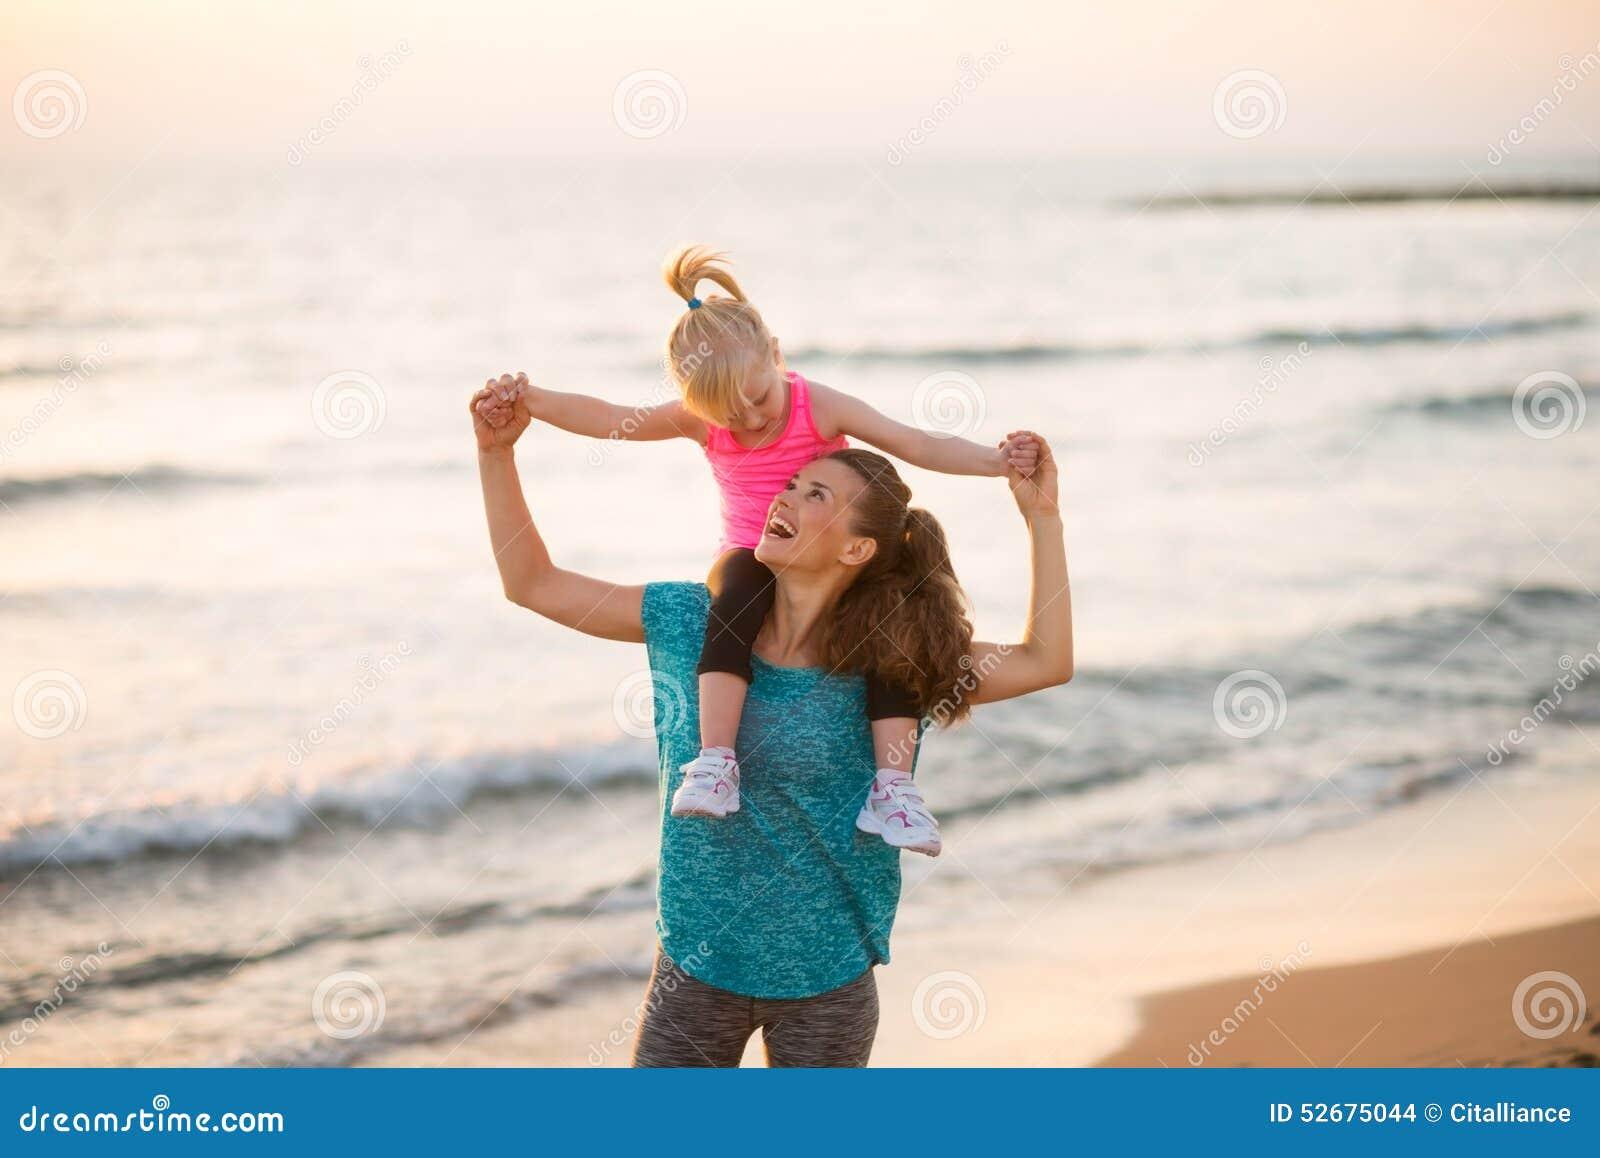 De zitting van het babymeisje op schouders van moeder op strand